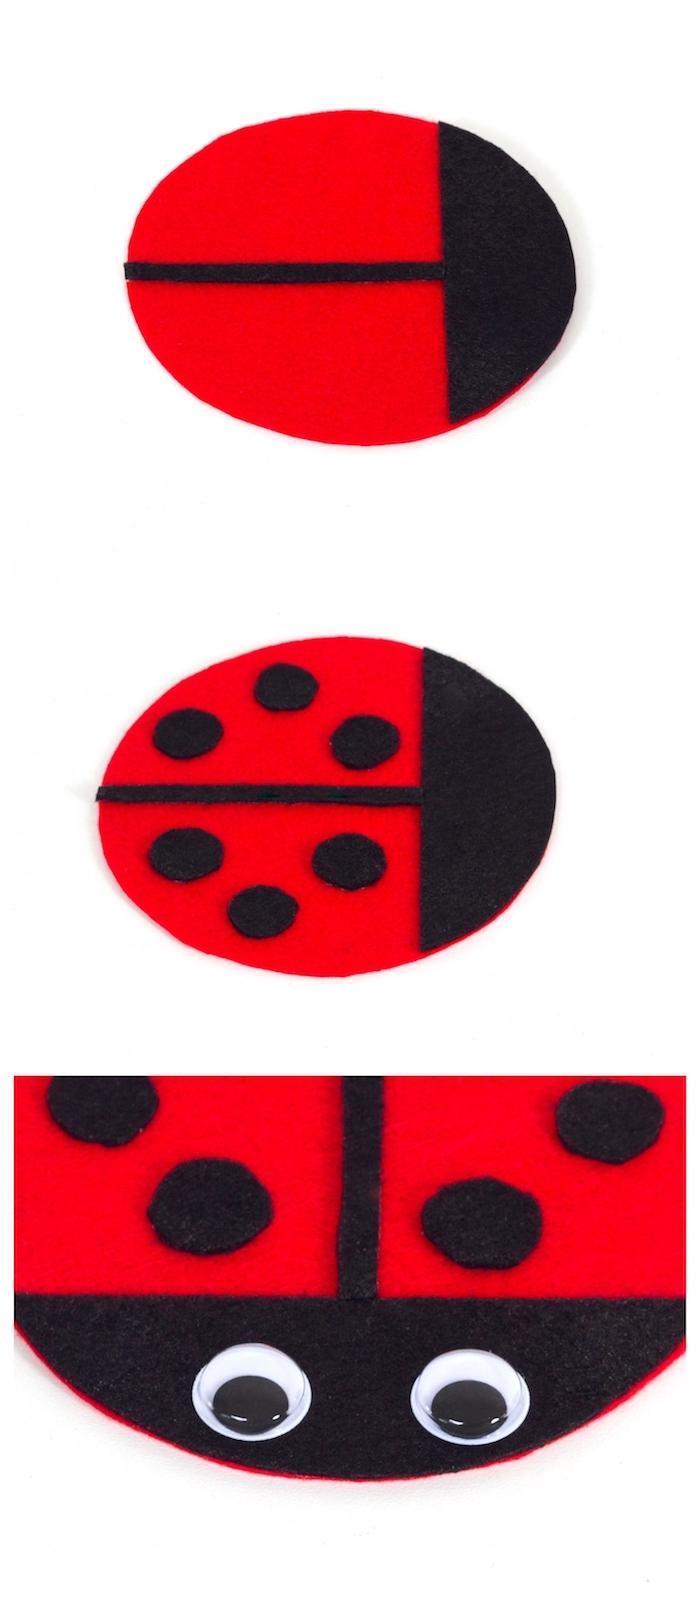 exemple activité manuelle avec feutrine, dessous de verre motif coccinelle en feutrine rouge et noir et des yeux mobiles